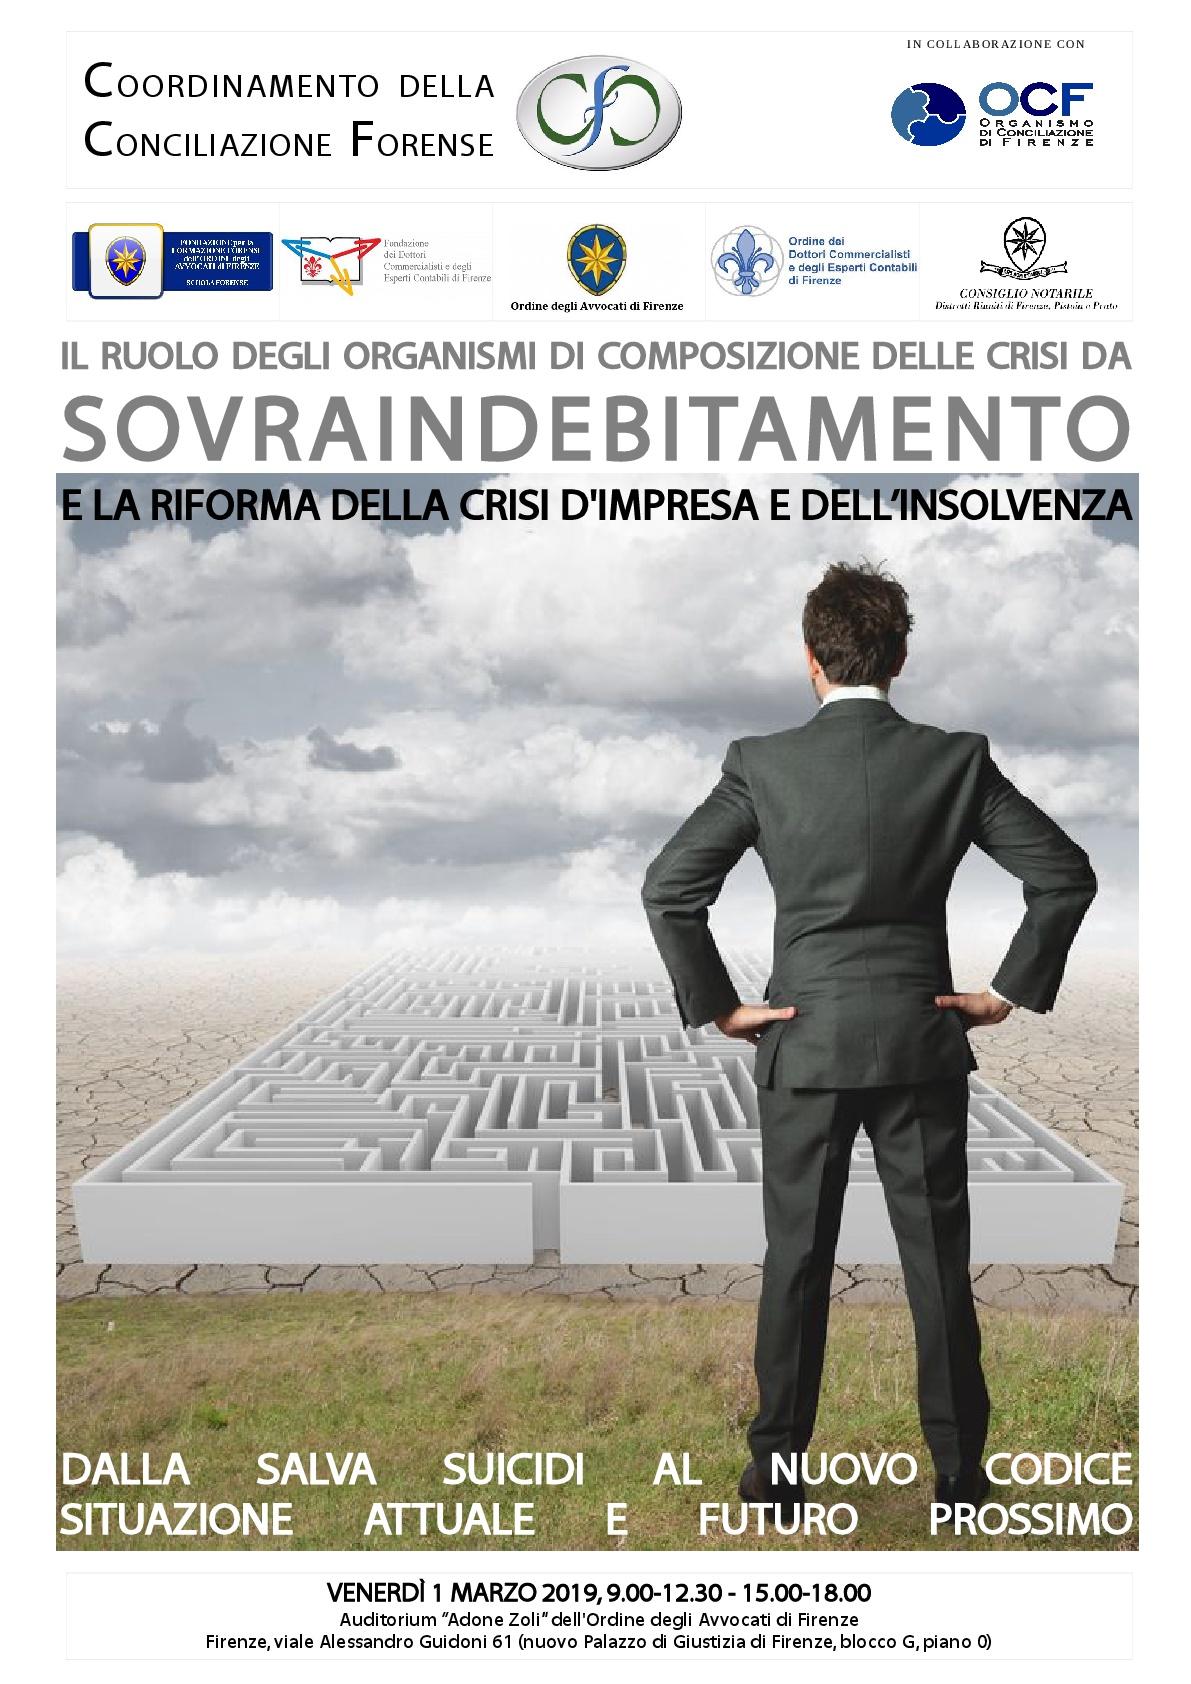 Firenze-01.03.19-Sovraindebitamento-e-riforma-della-crisi-d'impresa-e-dell'insolvenza-001